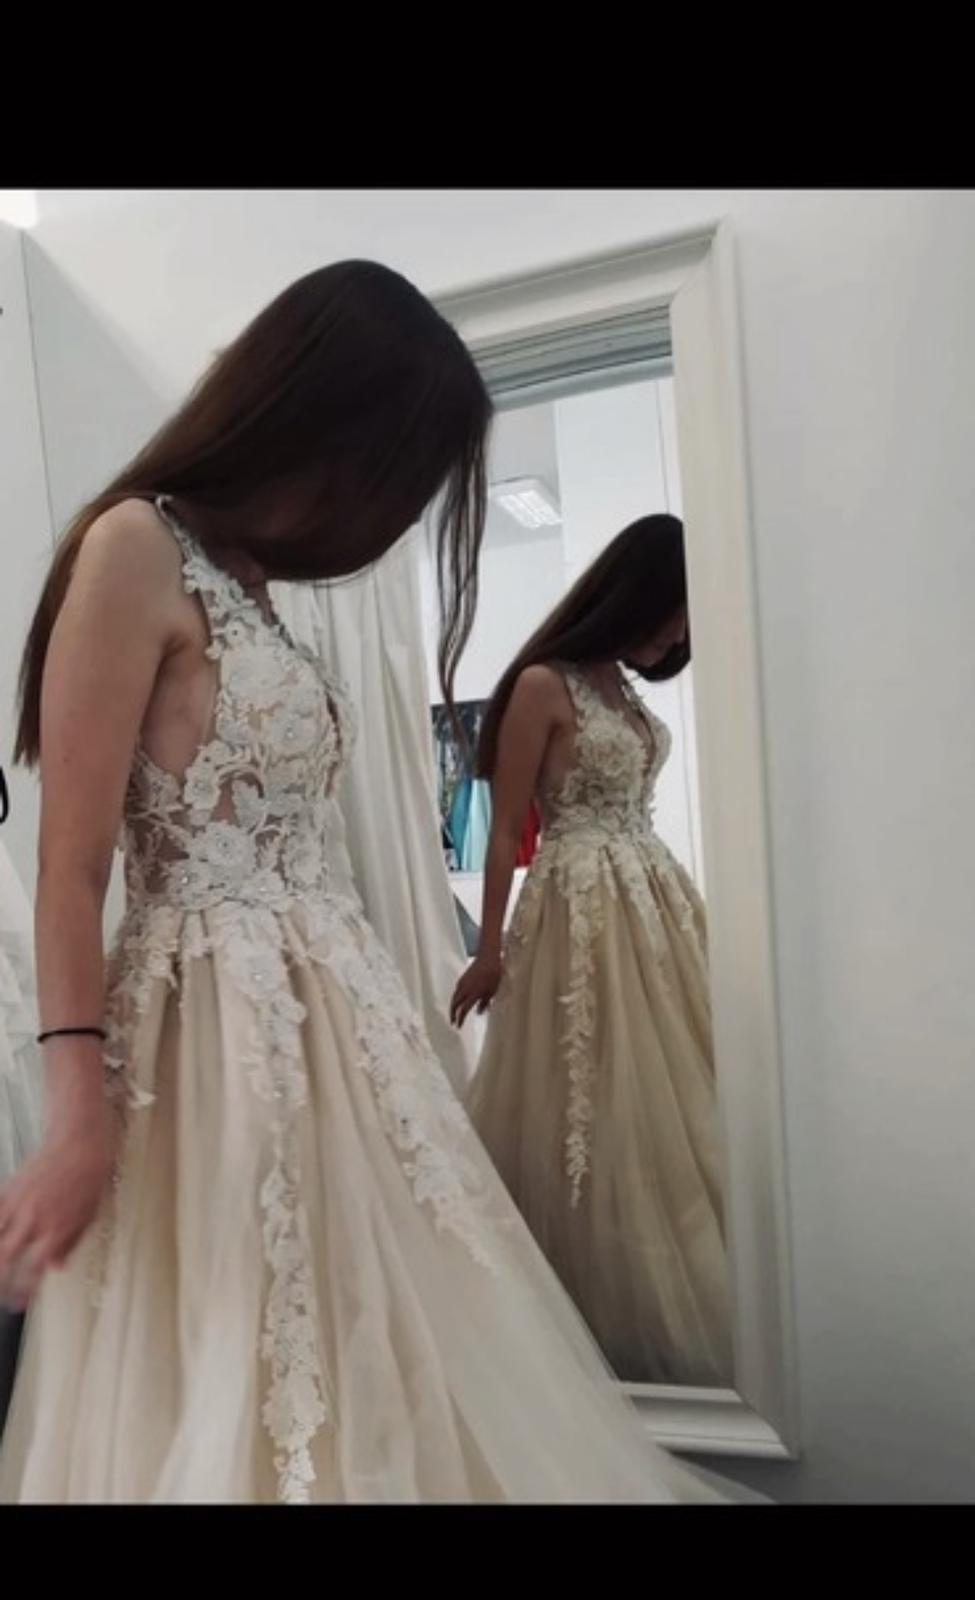 nádherné šaty - Obrázek č. 1